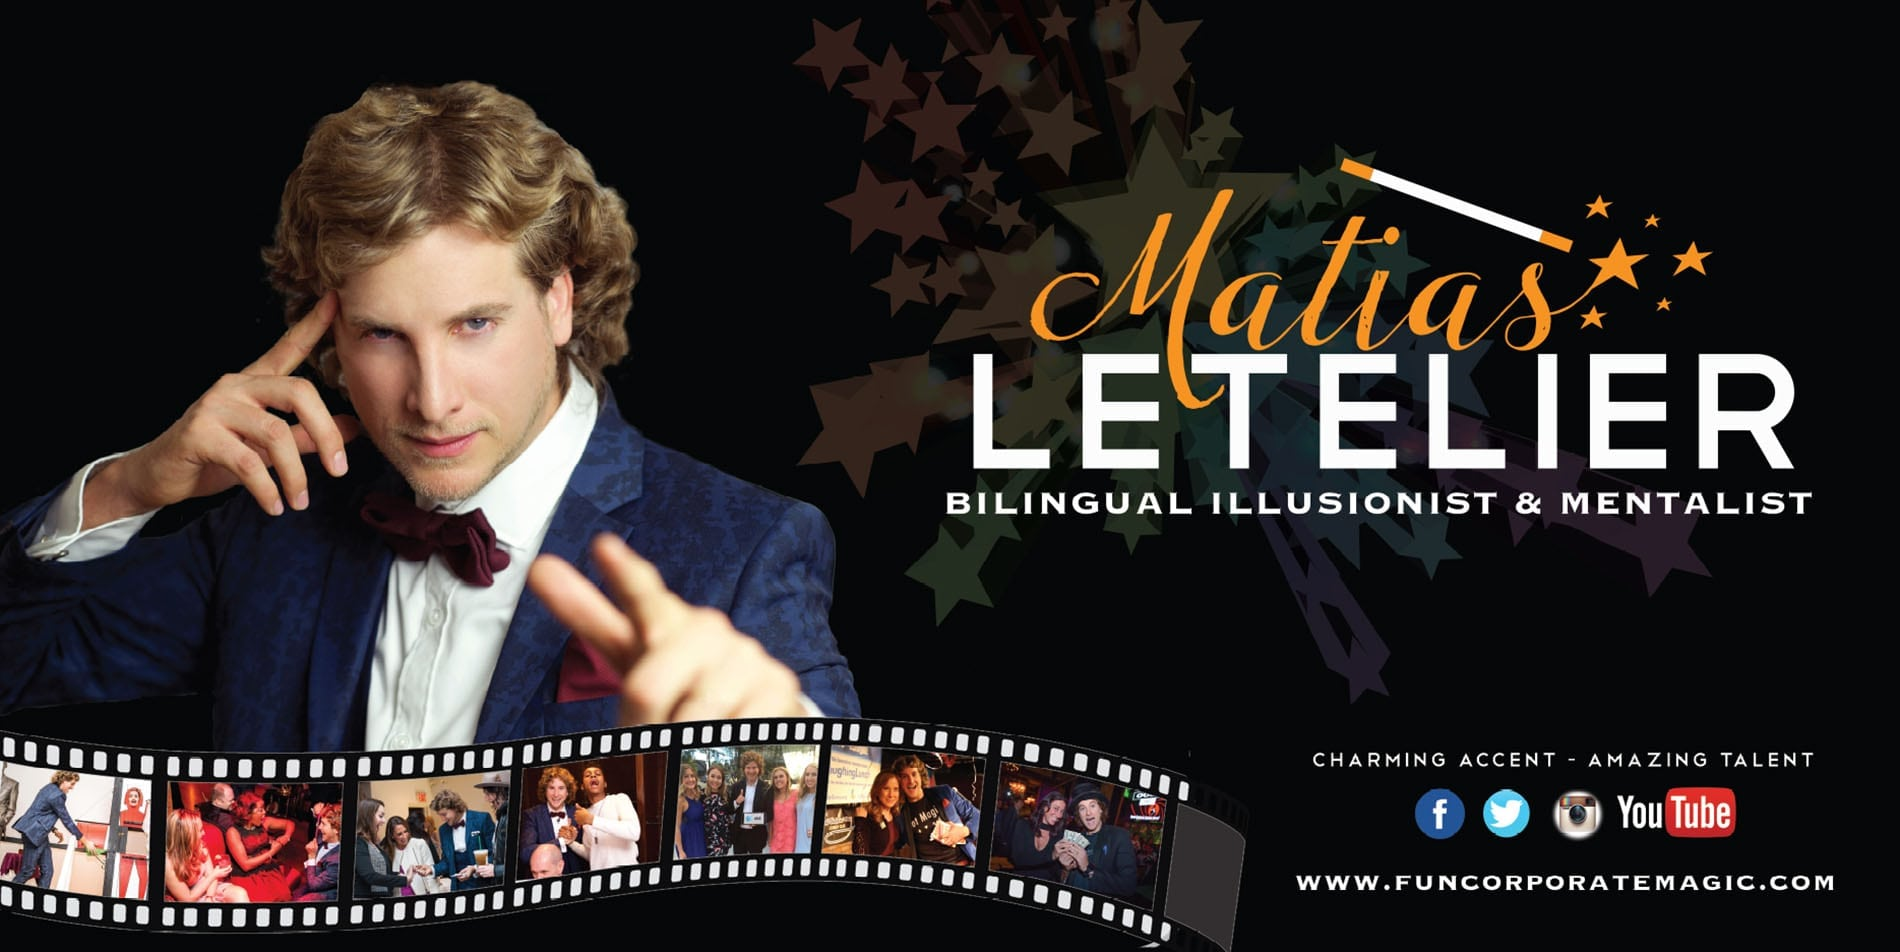 Illusionist & Mentalist Matias Letelier Banner